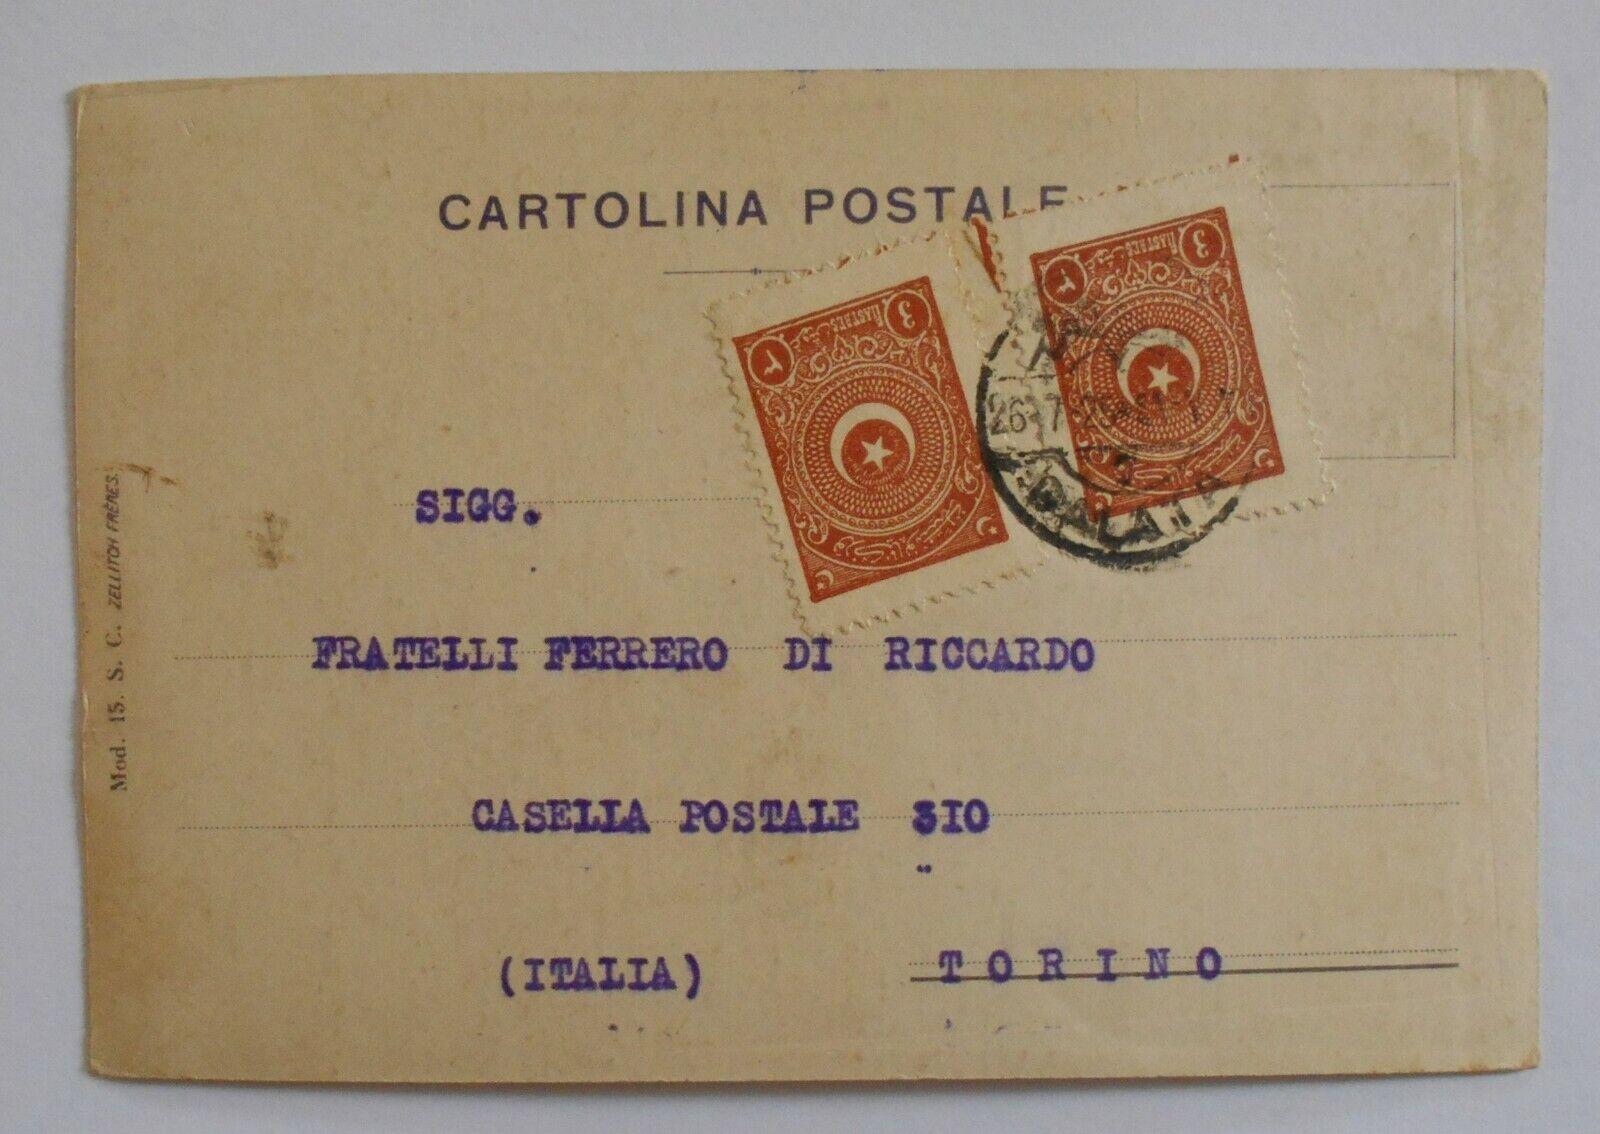 Image of 0060 CARTOLINA POSTALE 1925 Banco di Roma sede COSTANTINOPOLI a TORINO FERRERO